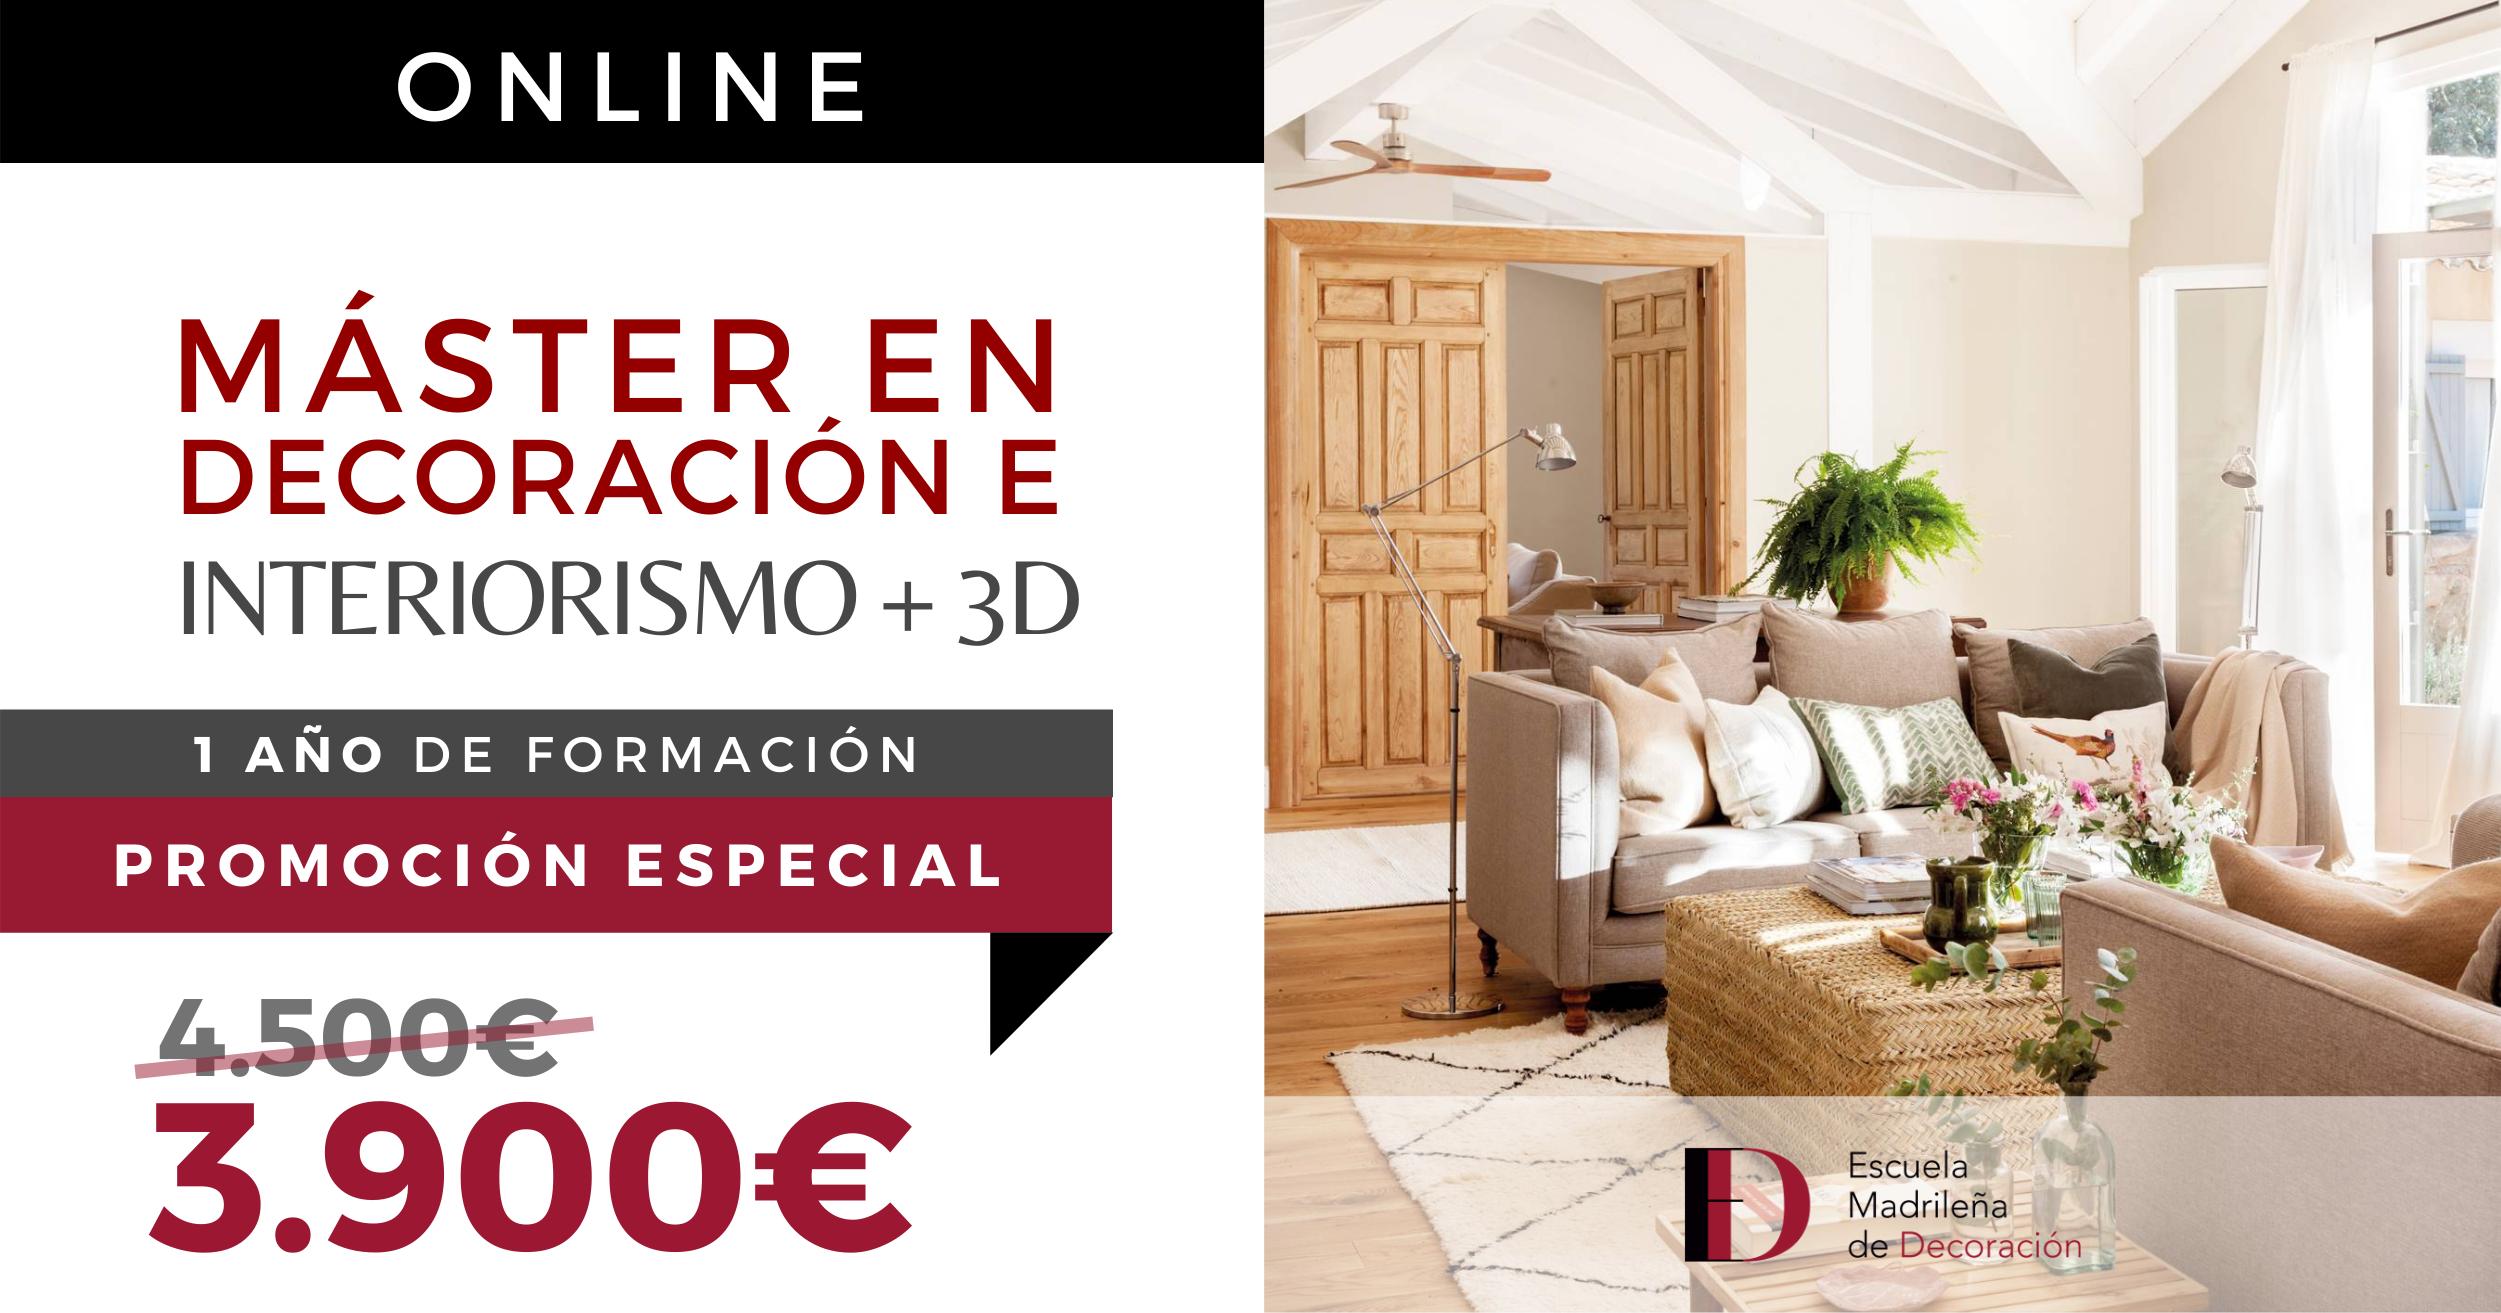 Máster online en Decoración e Interiorismo + 3D en Escuela Madrileña de Decoración